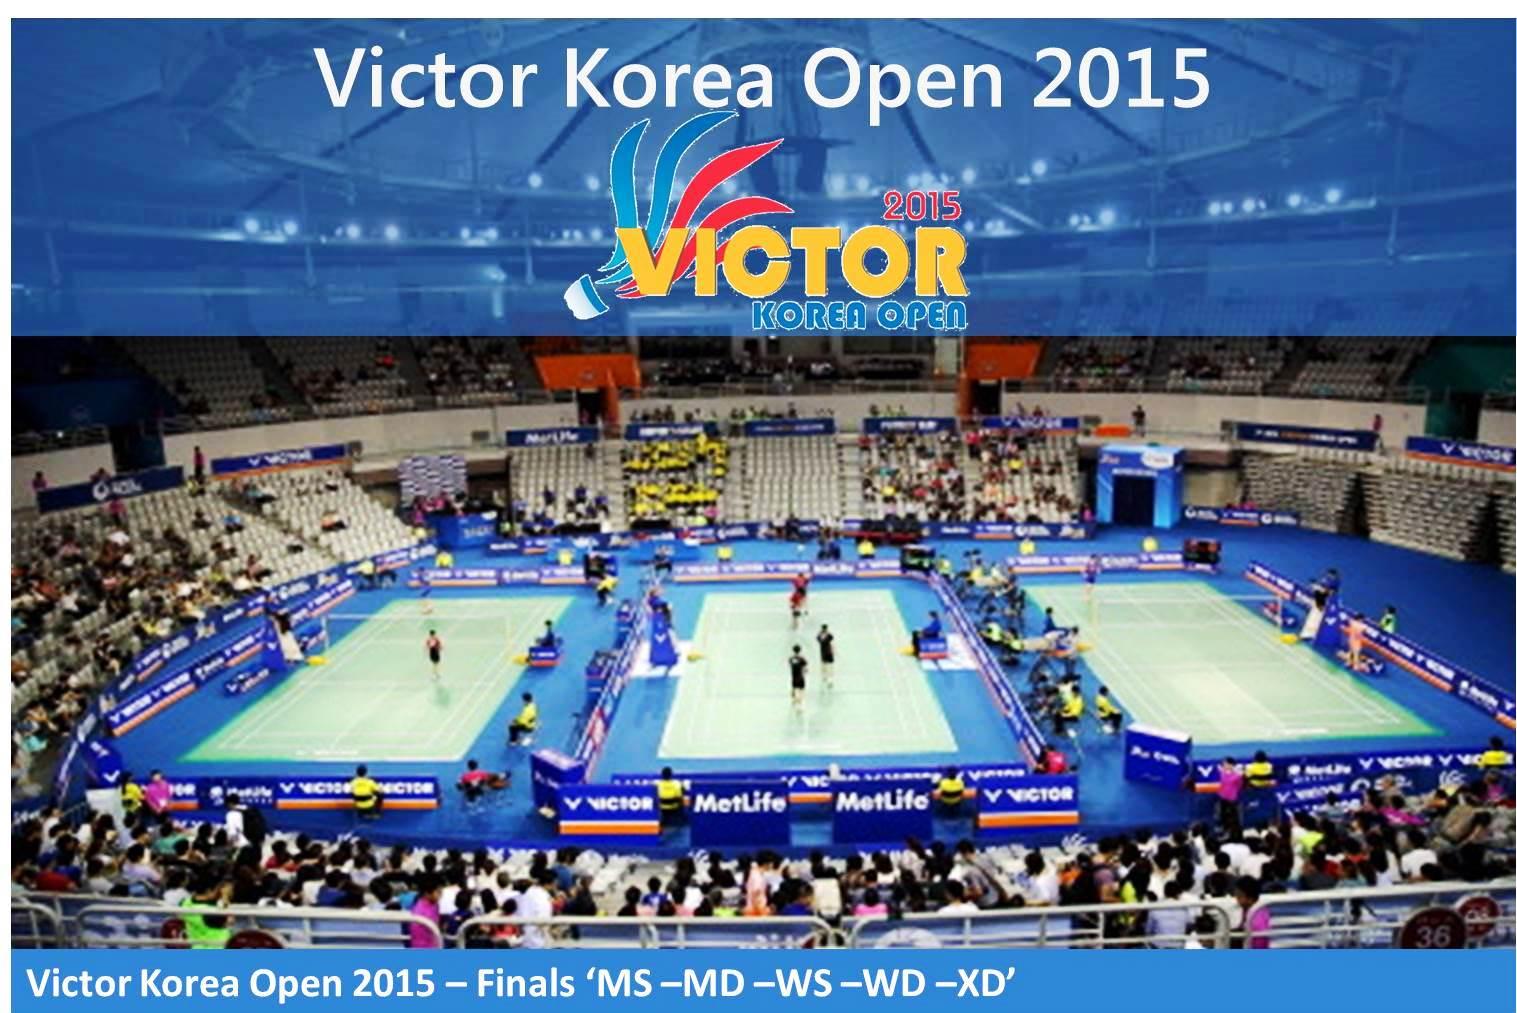 دانلود فینال مسابقات بدمیتون Victor Korea Open 2015